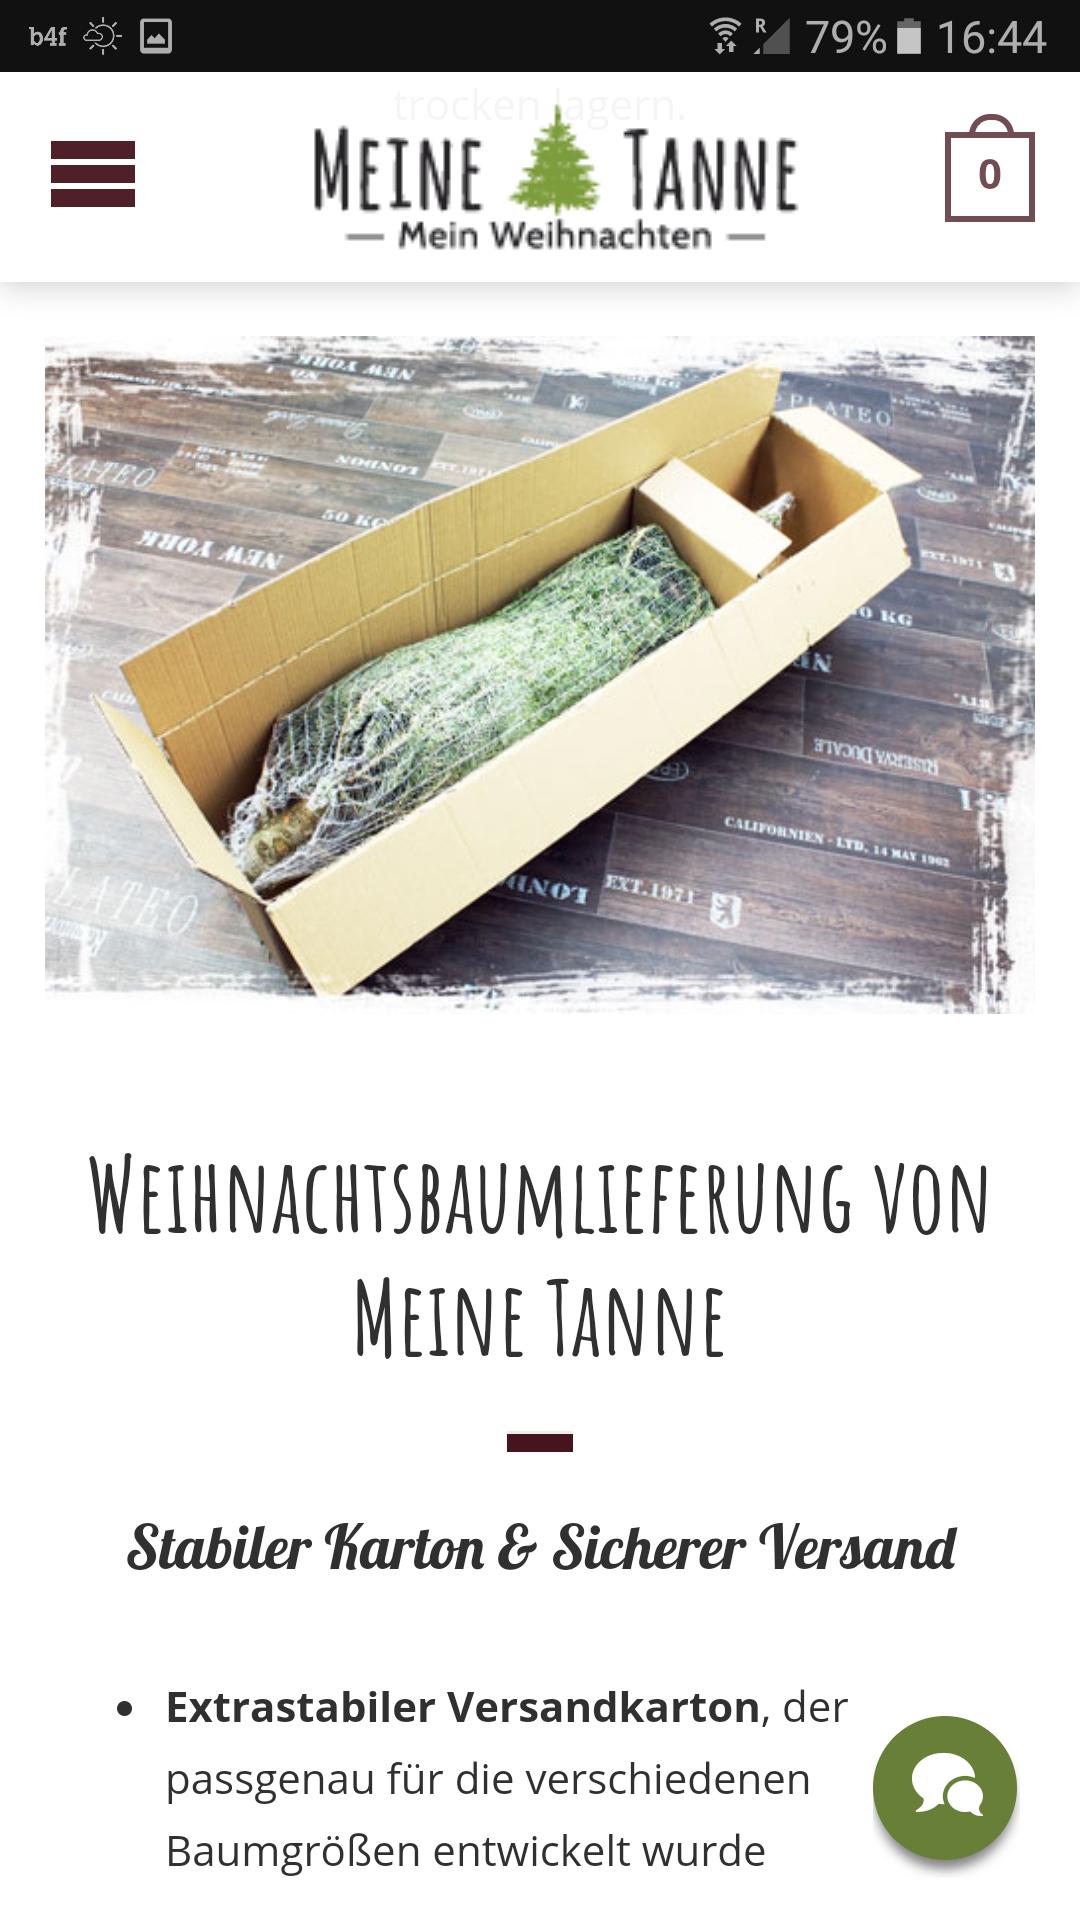 meinetanne.de - Gratis Versand